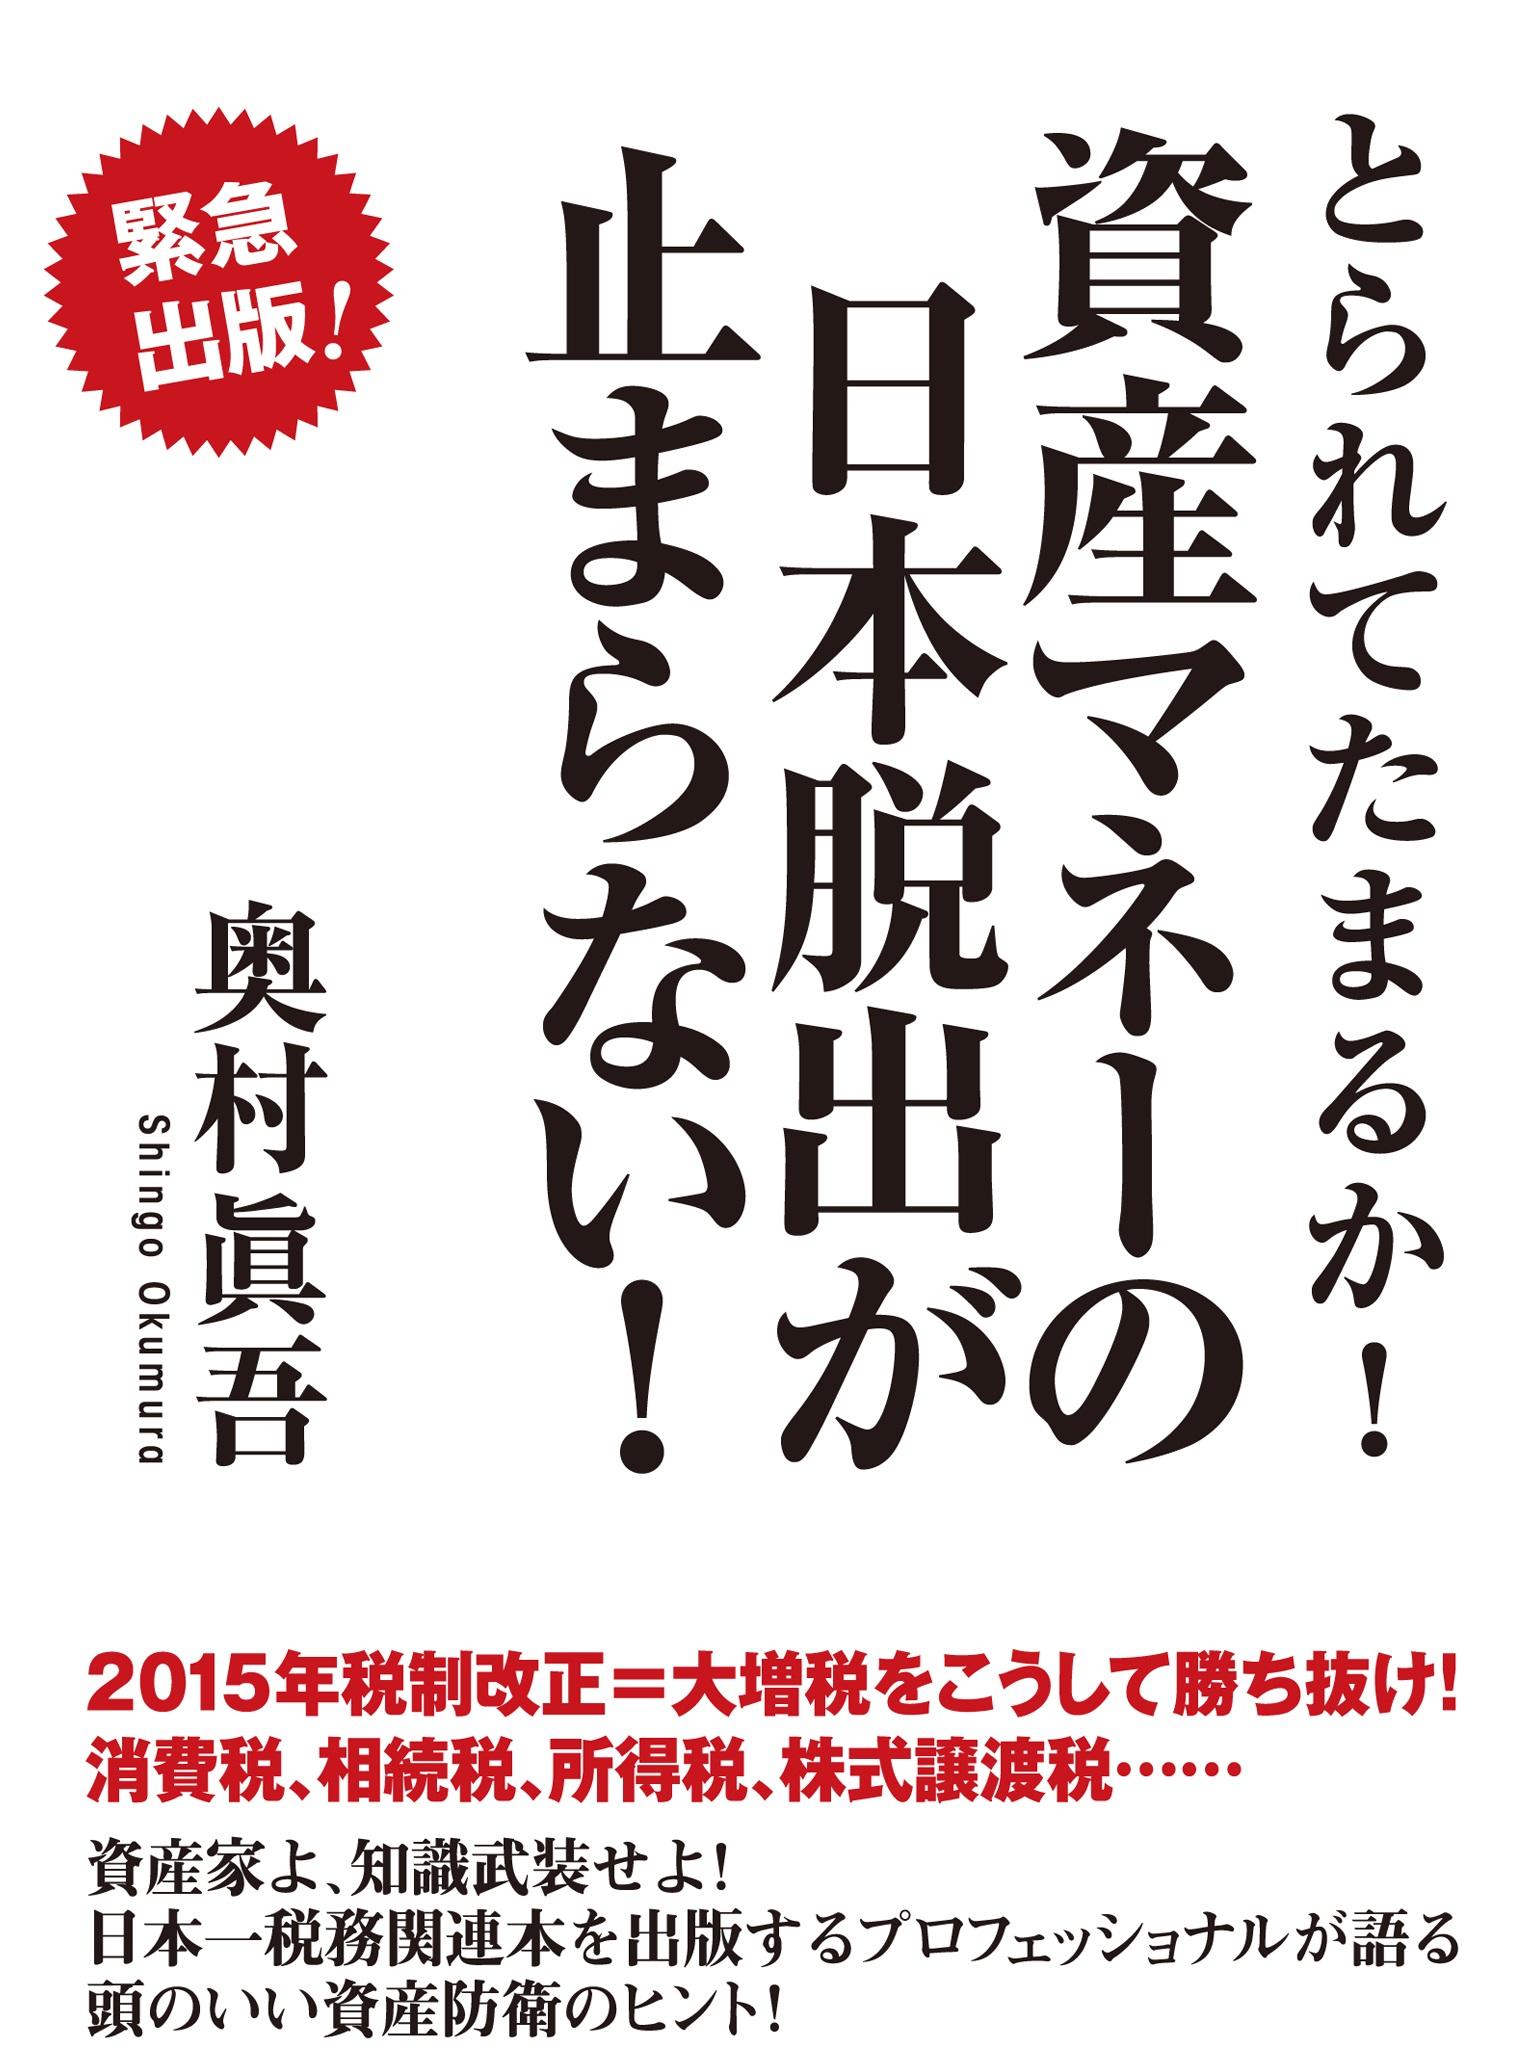 【POD版】とられてたまるか! 資産マネーの日本脱出が止まらない!